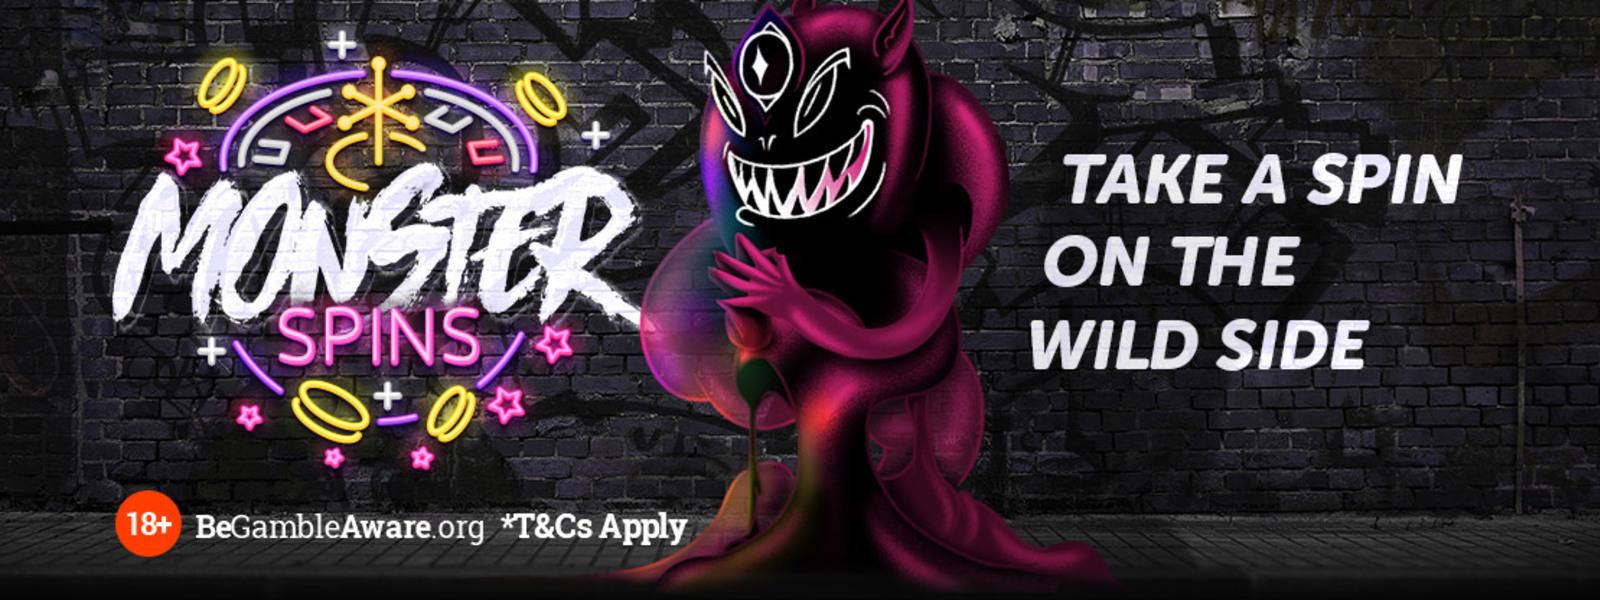 Wide big wp monster spins